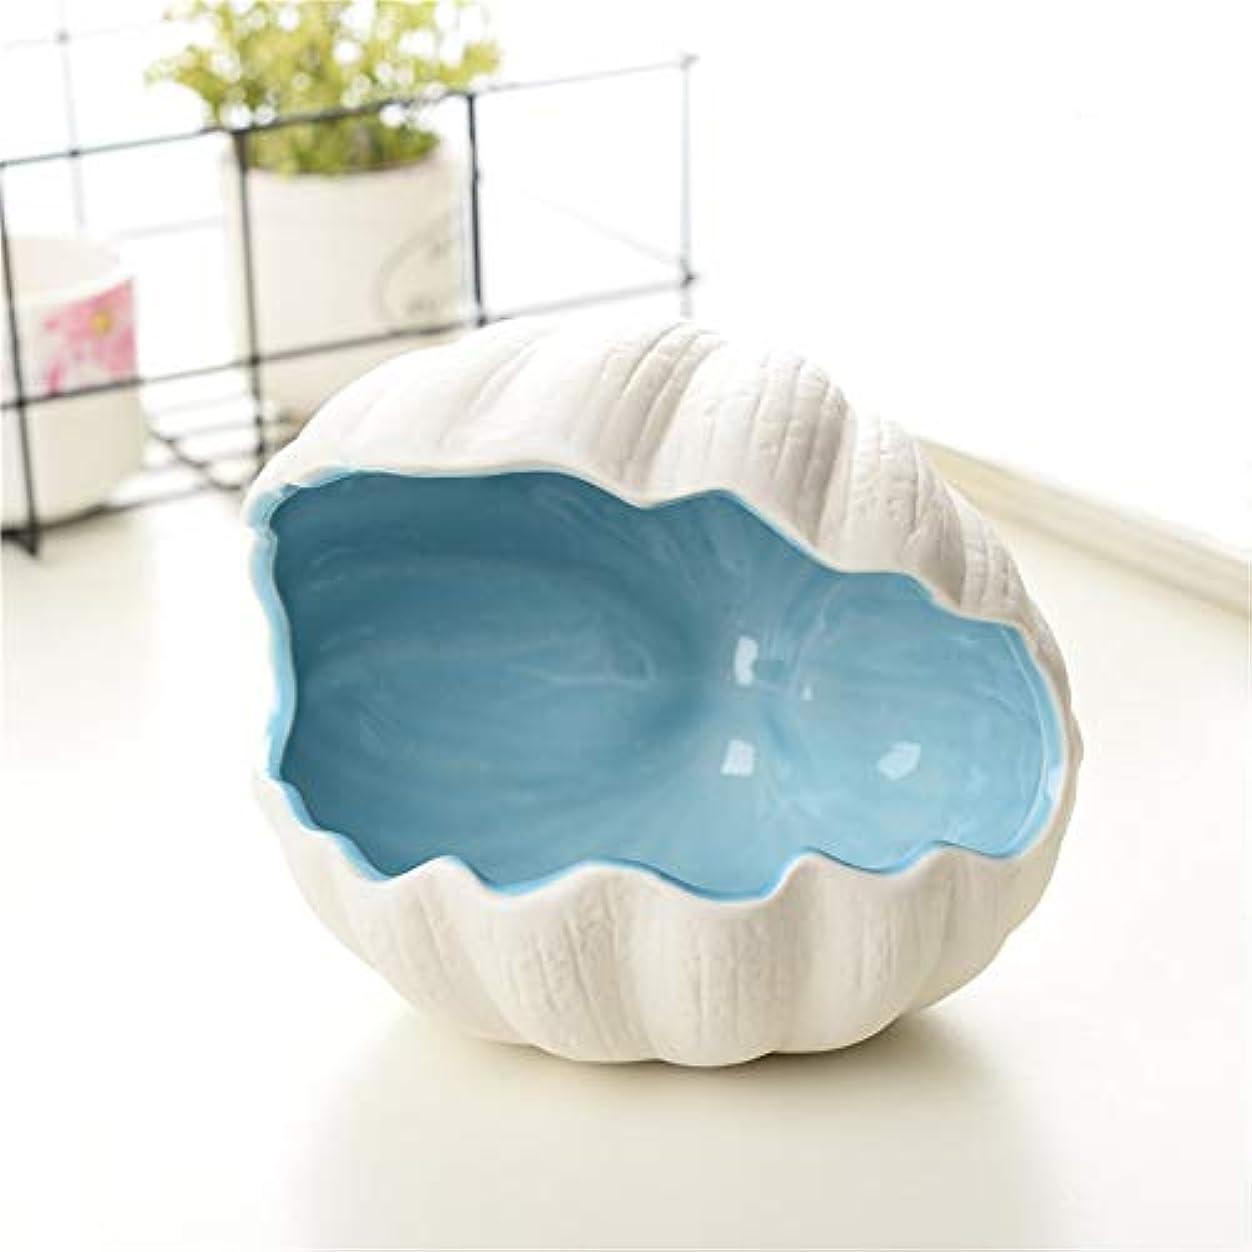 目を覚ます盲目すきタバコ、ギフトおよびホームオフィスの装飾のための灰皿セラミックシェル灰皿 (色 : 青)